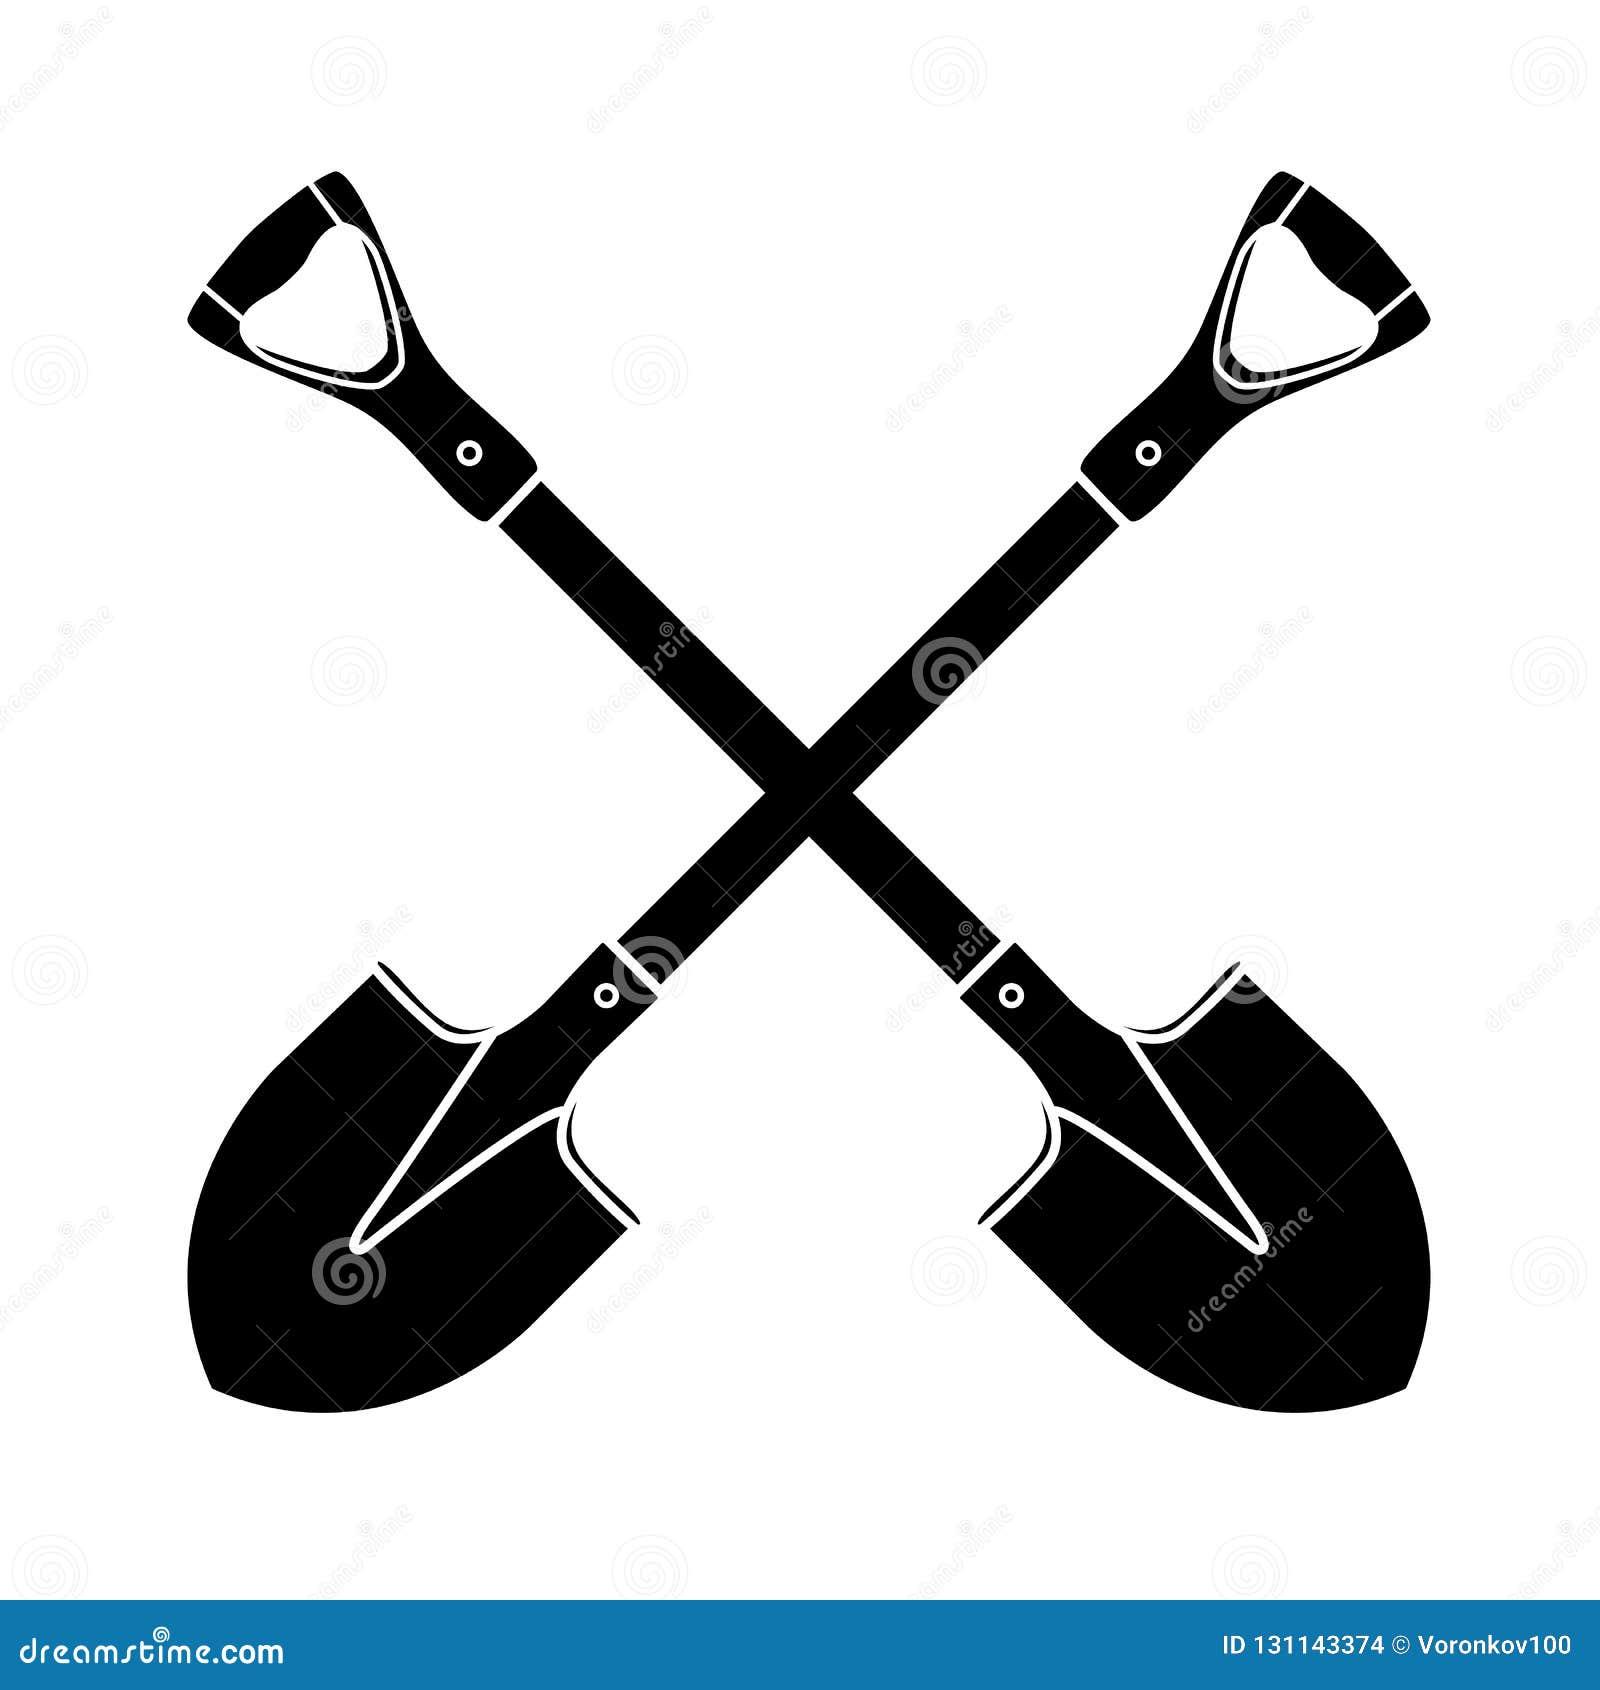 Φτυάρι, φτυάρι, εικονίδιο σκιαγραφιών στο απομονωμένο υπόβαθρο Εξοπλισμός κήπων Θερινή εργασία άνοιξης Αγροτικά εργαλεία για τις